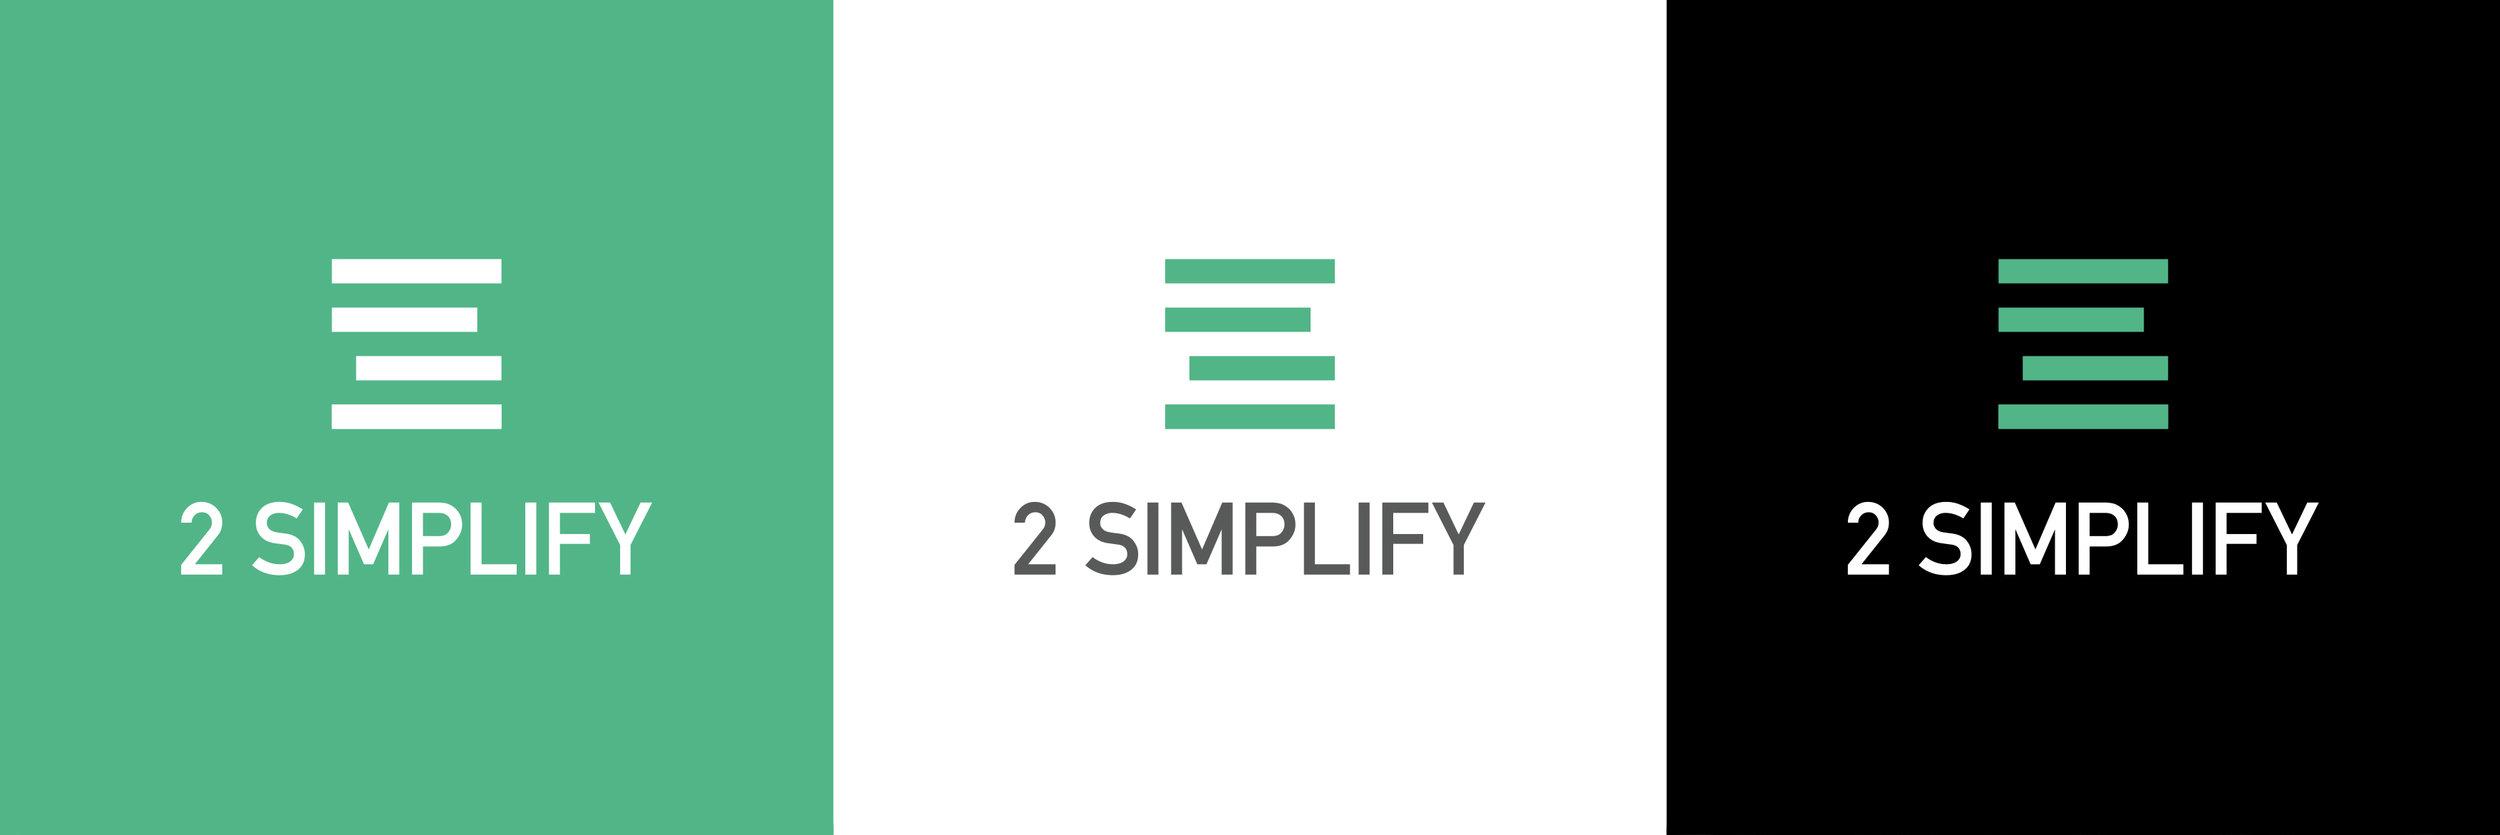 2simplify-kleuren.jpg